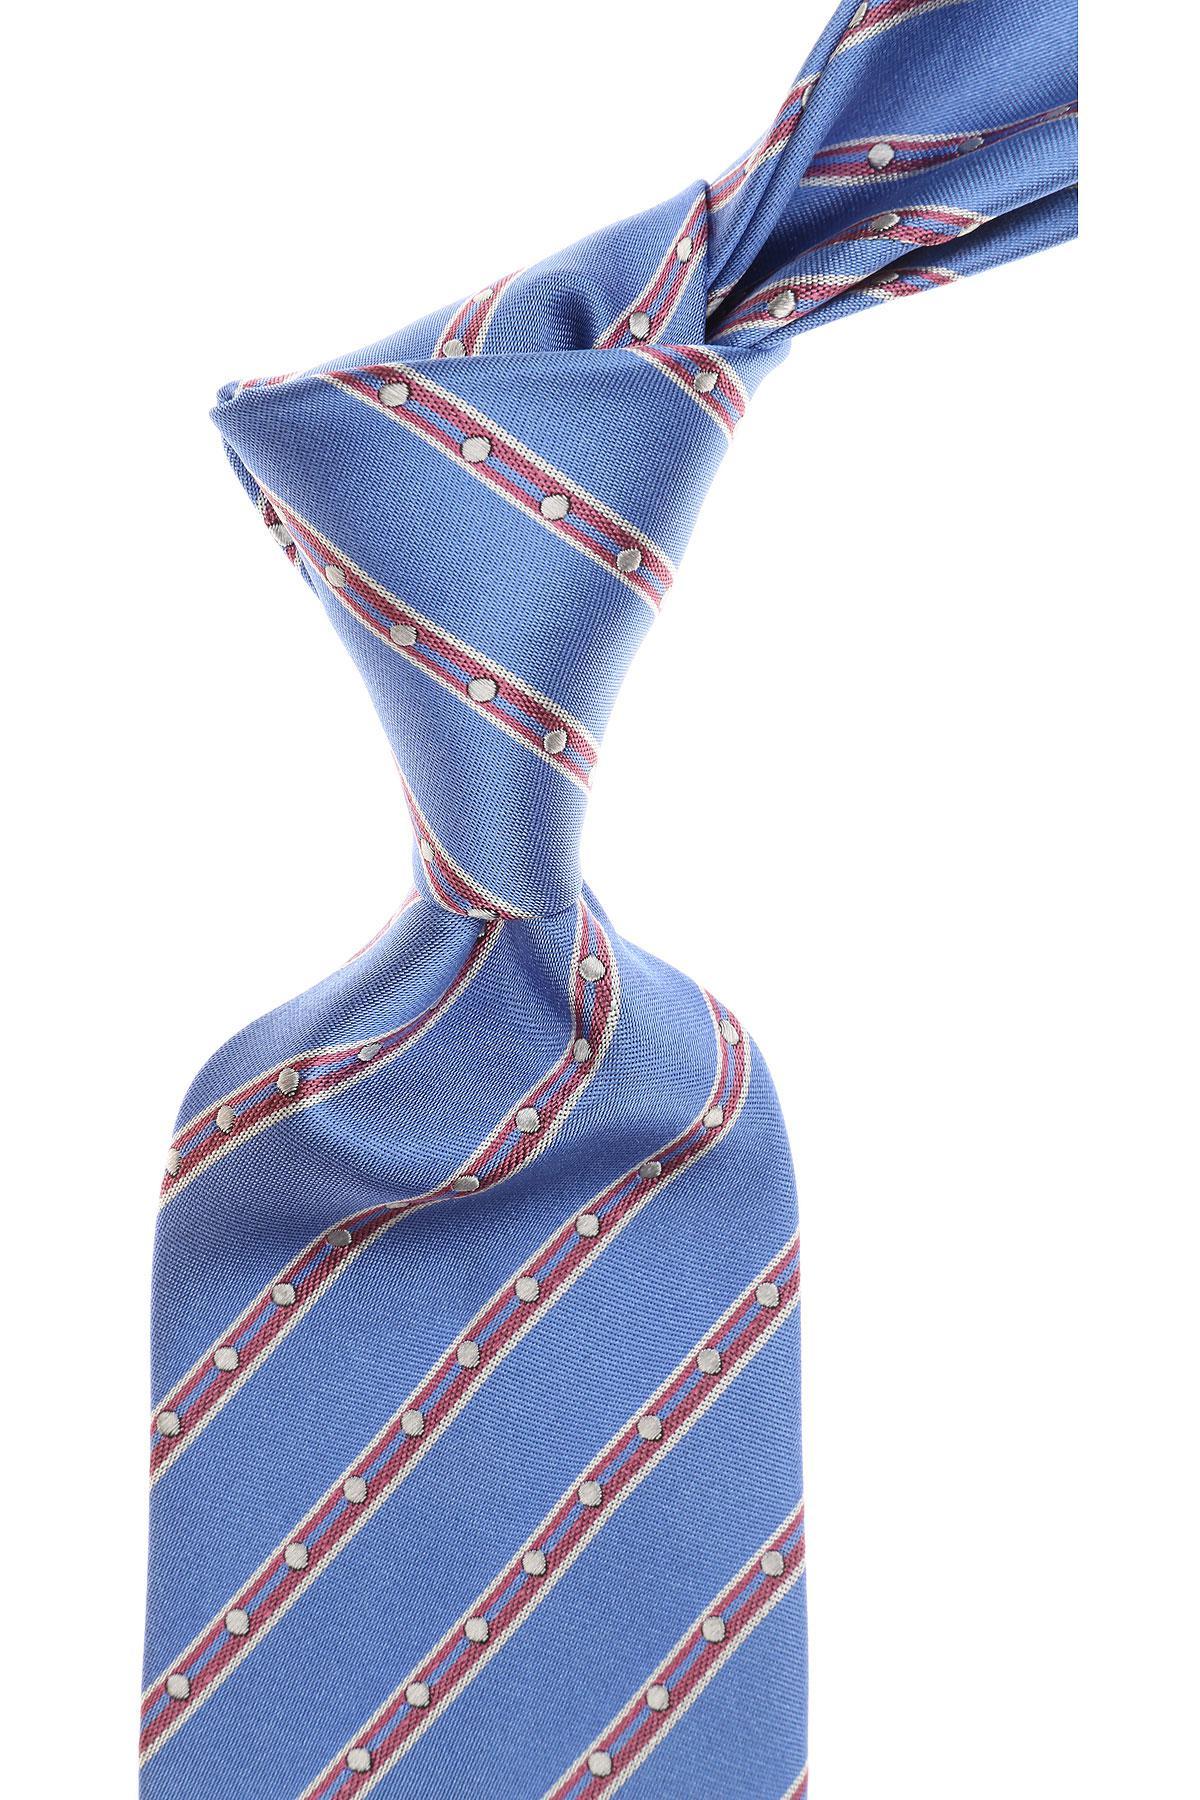 lyst versace ties in blue for men